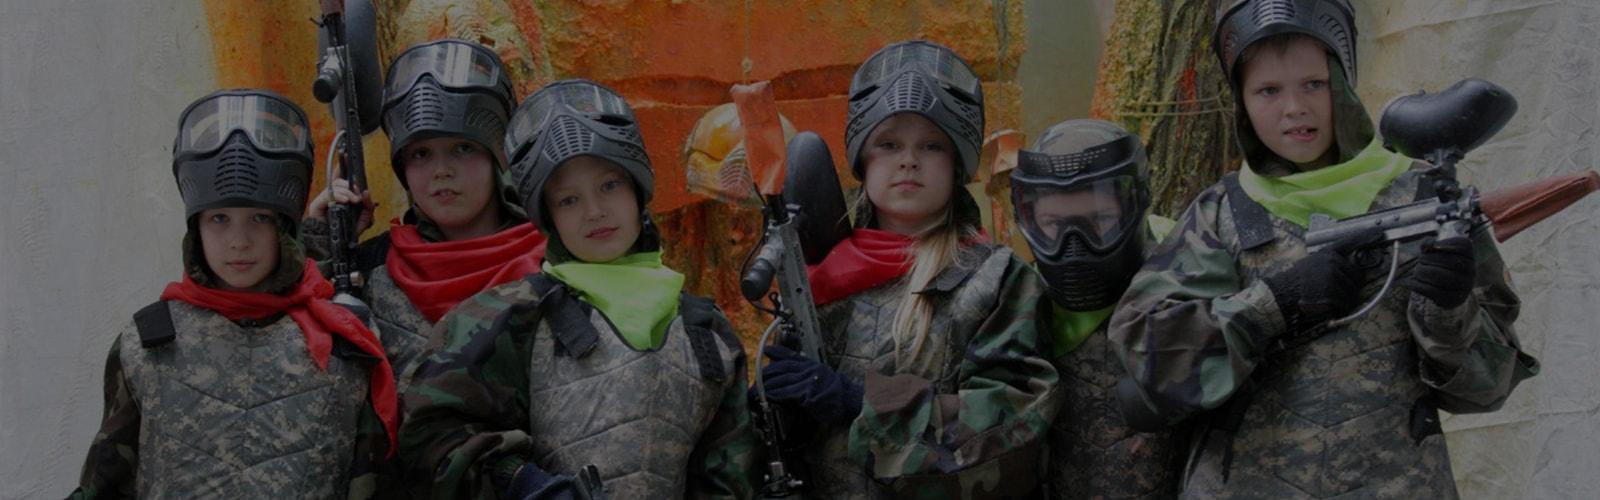 Детский пейнтбол в Харькове